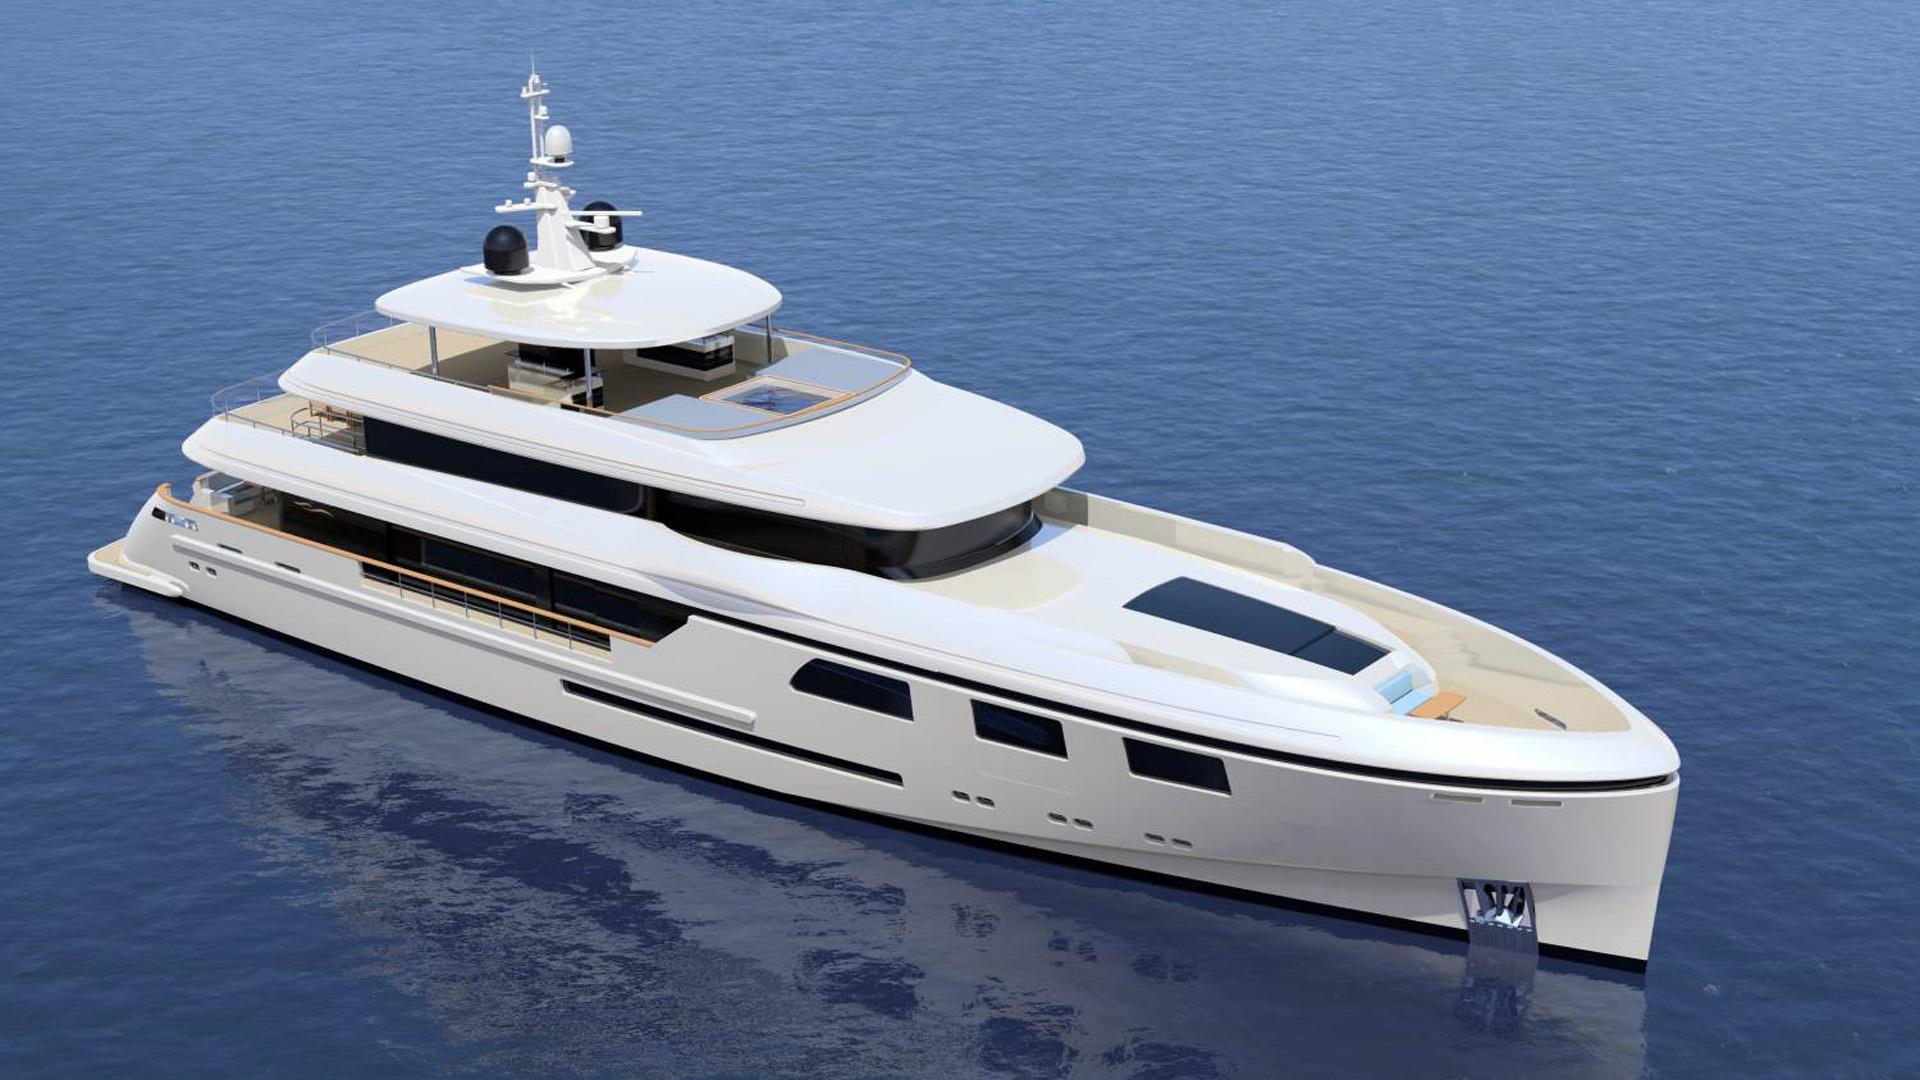 sealink 152 motoryacht heysea 47m 2018 rendering